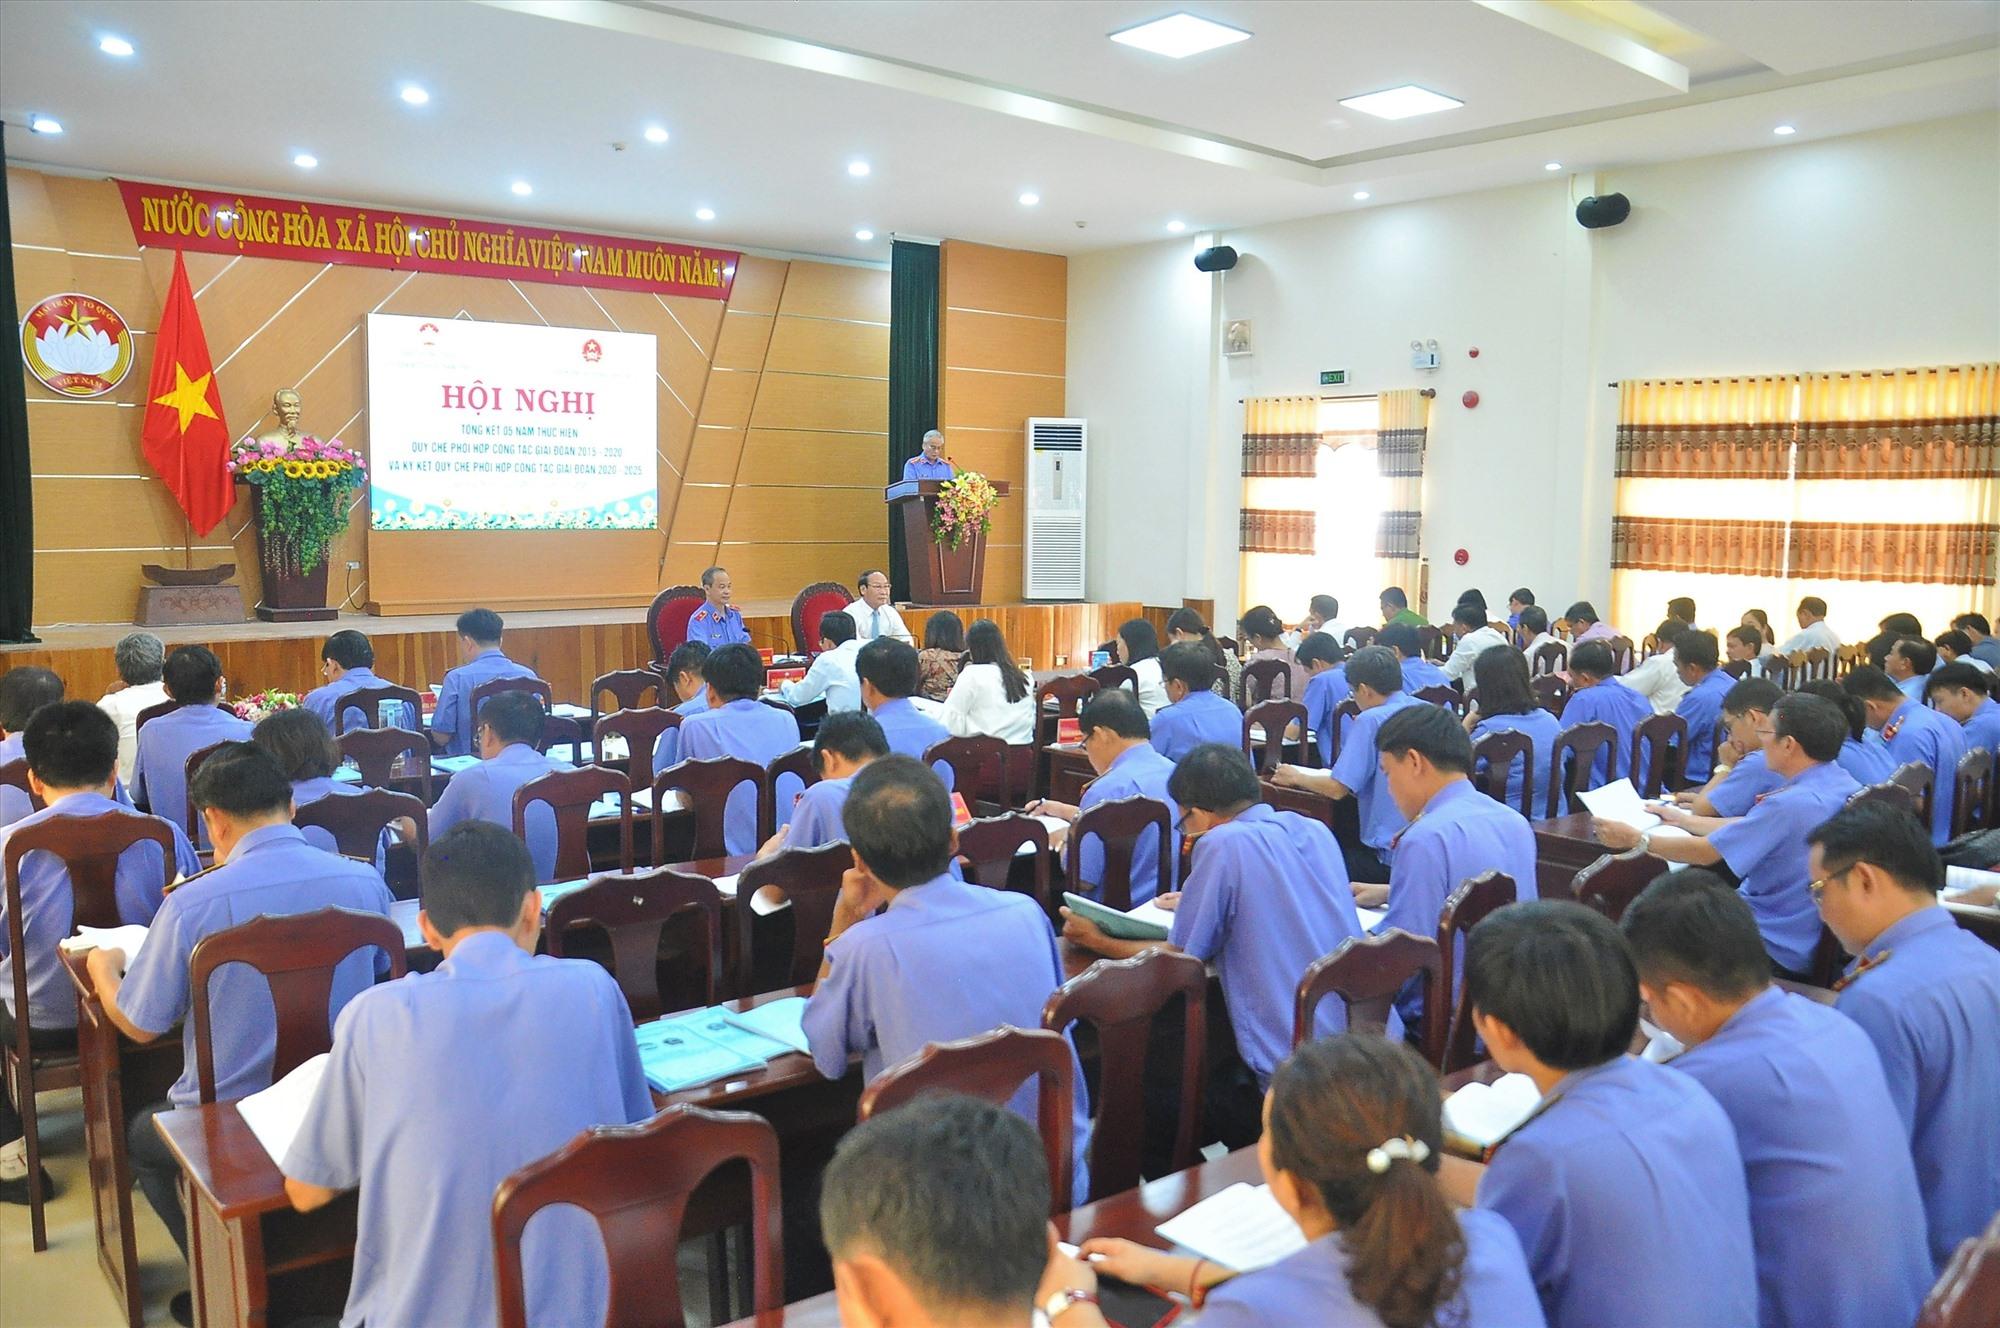 Mặt trận tỉnh và Viện KSND tỉnh tổ chức hội nghị tổng kết quy chế phối hợp công tác giai đoạn 2015 - 2020. Ảnh: VINH ANH